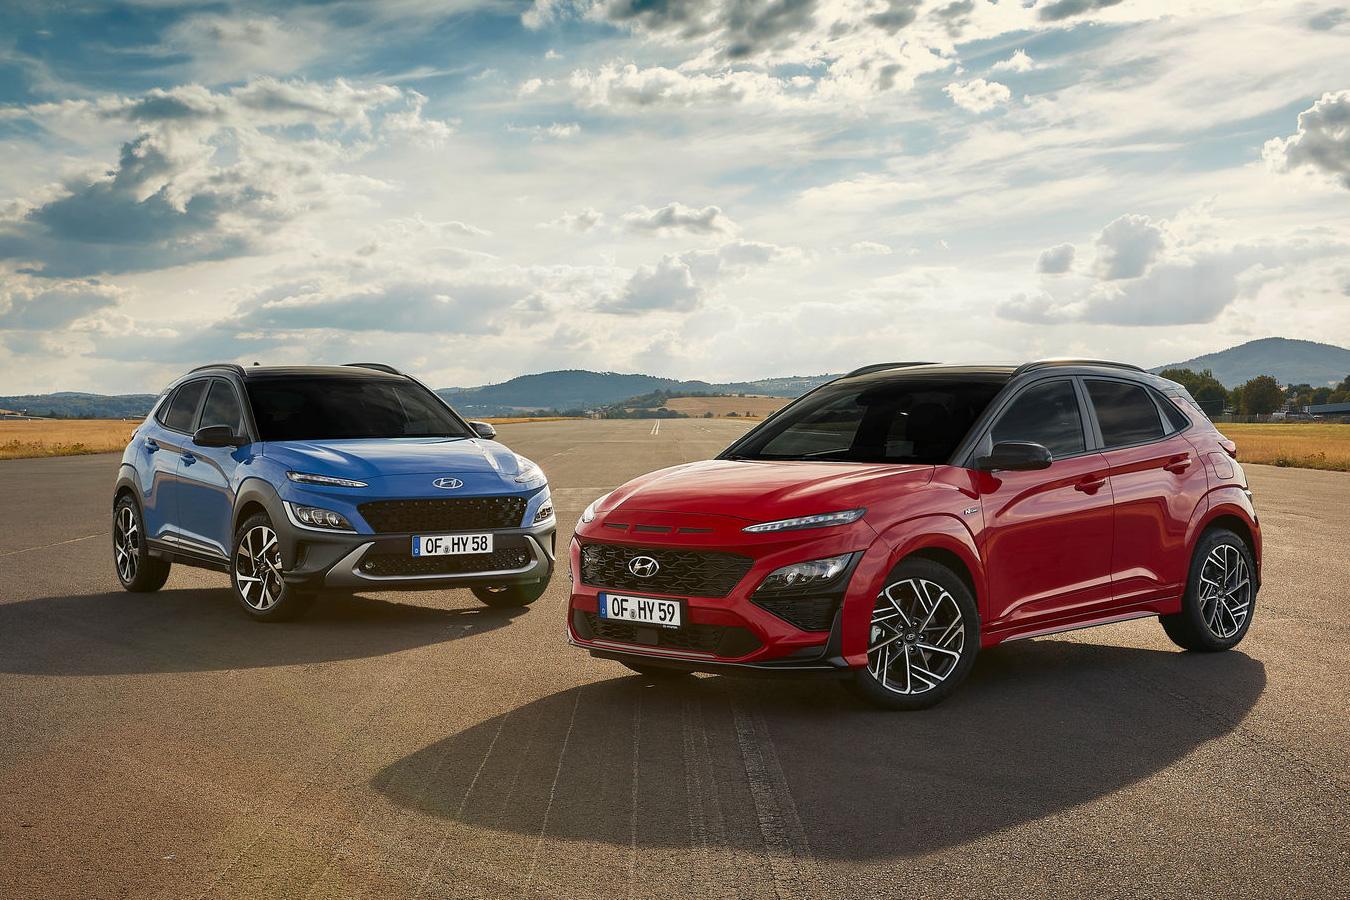 4 mẫu xe hơi Hyundai sắp ra mắt thị trường: Khách việt háo hức chờ đón Hyundai Grand i10 bản mới 5